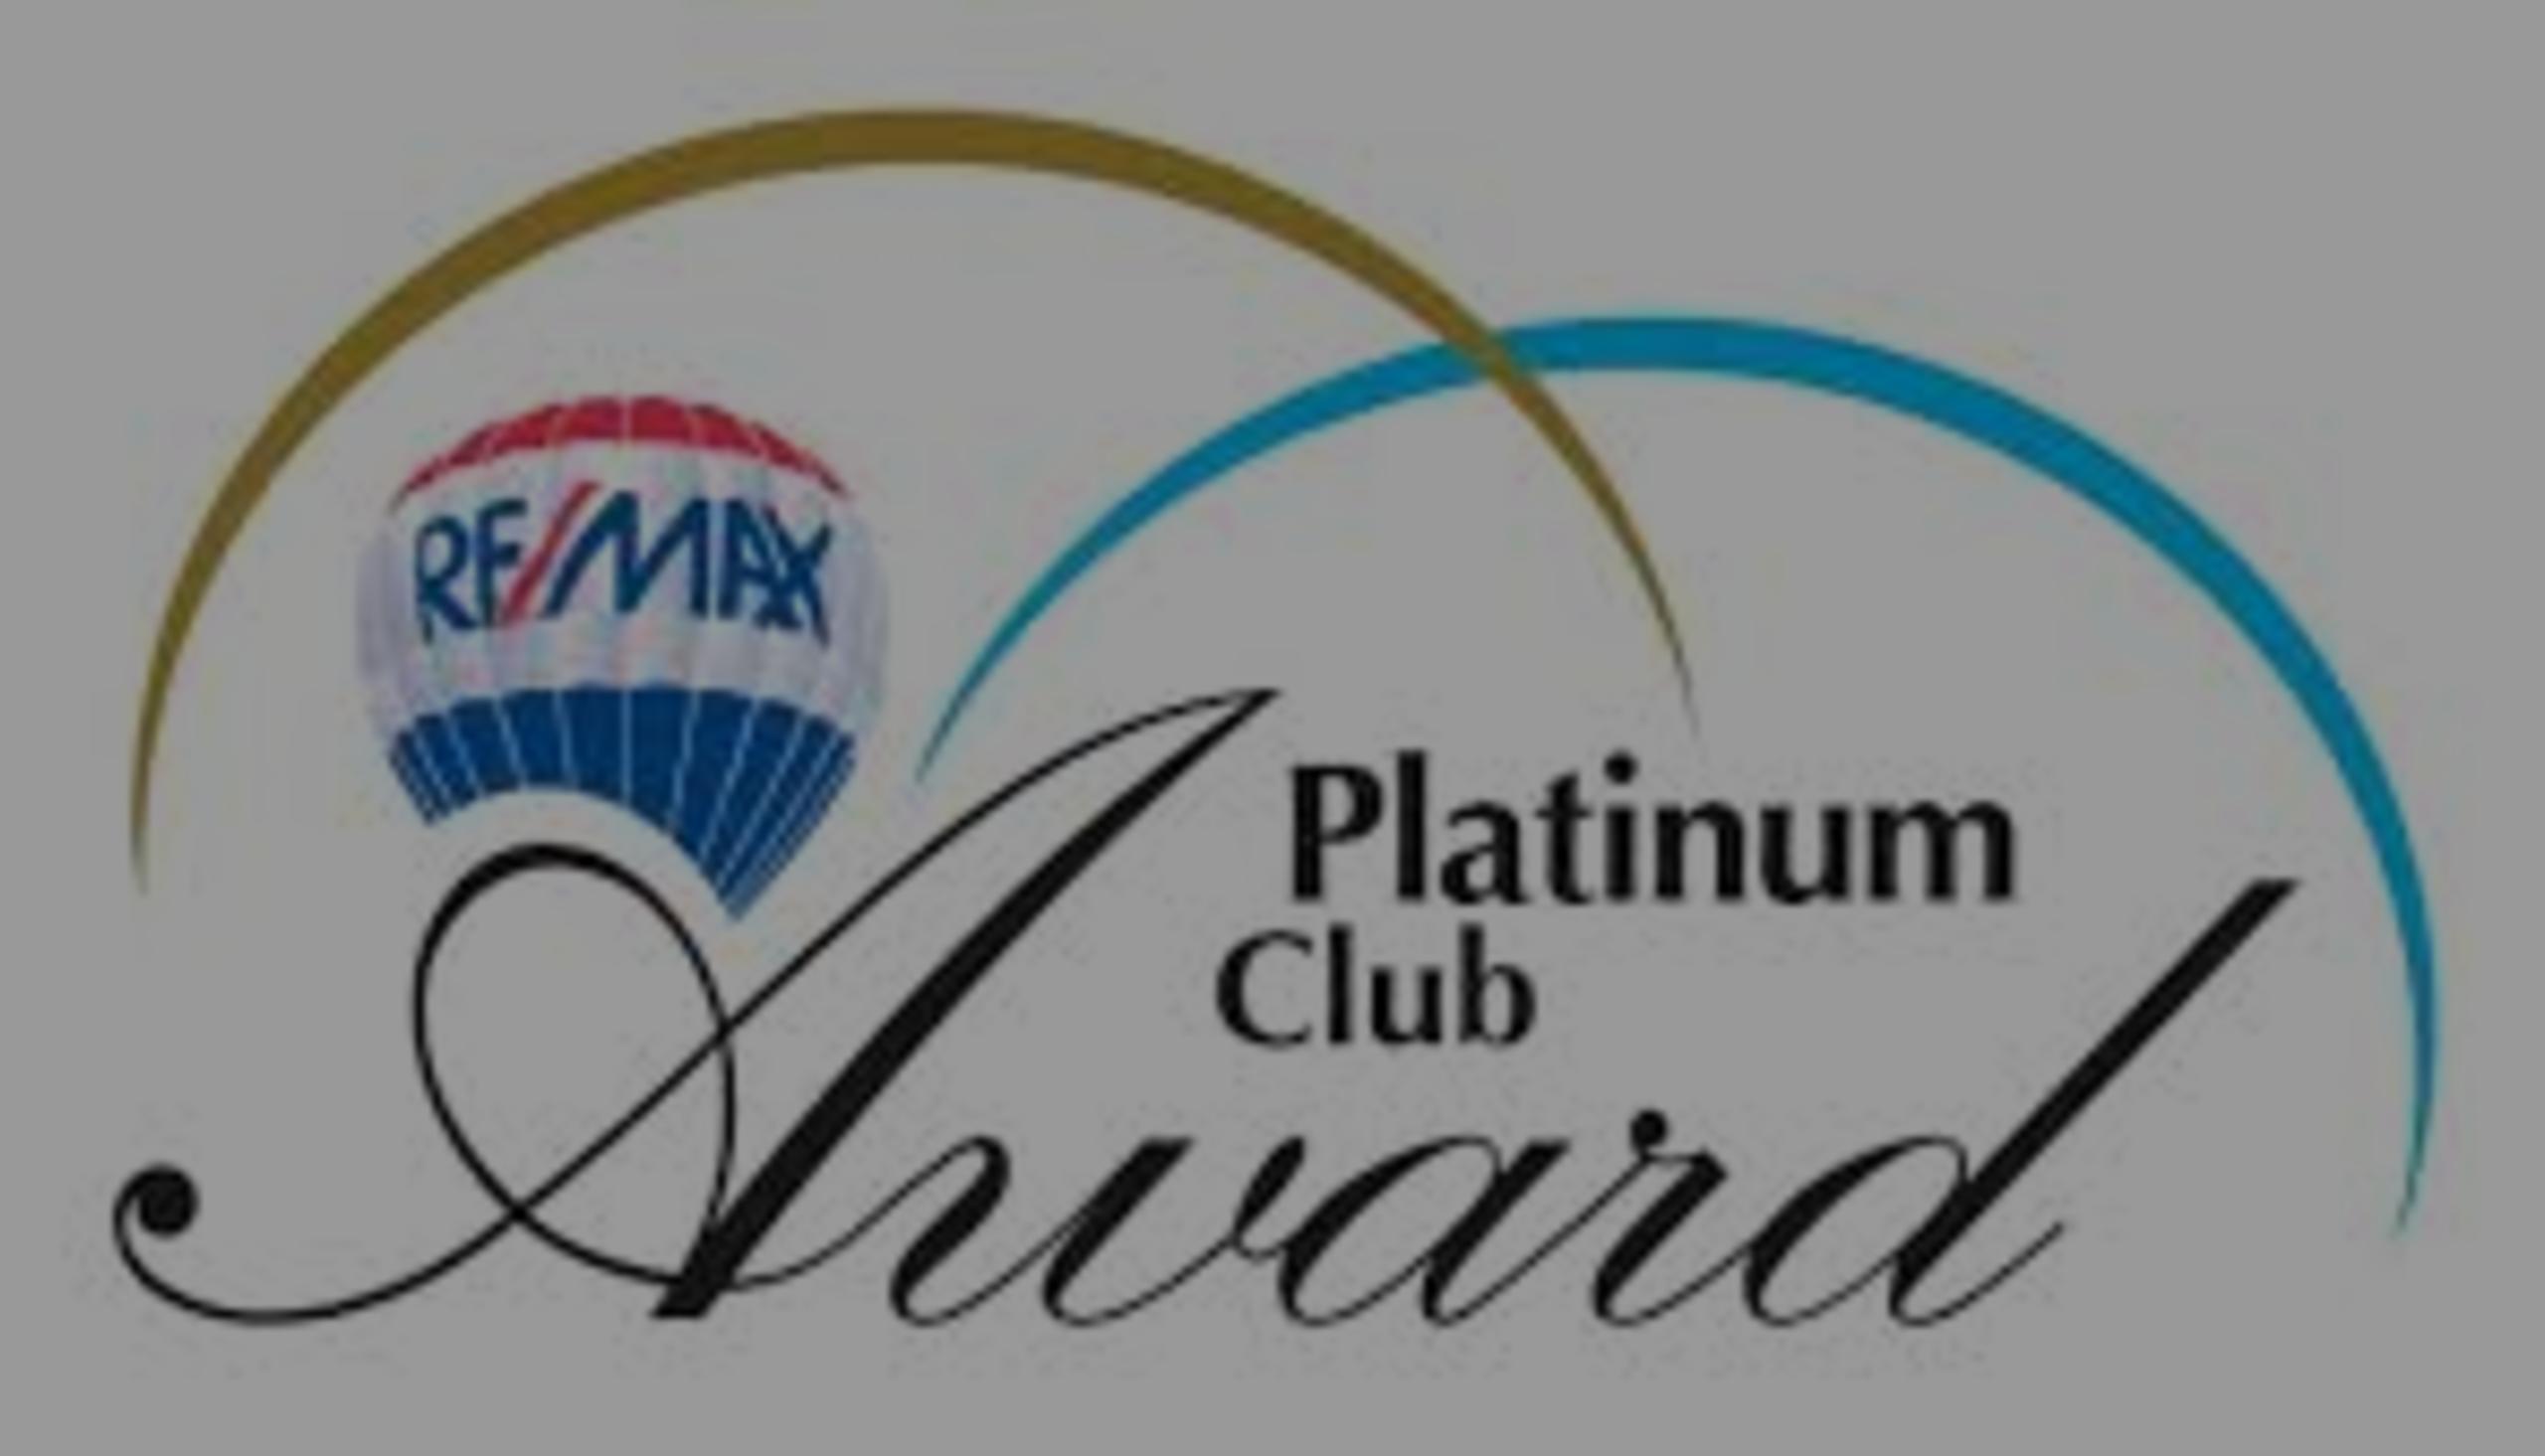 Roseann O'Keefe receives 2016 RE/MAX Platinum Club award